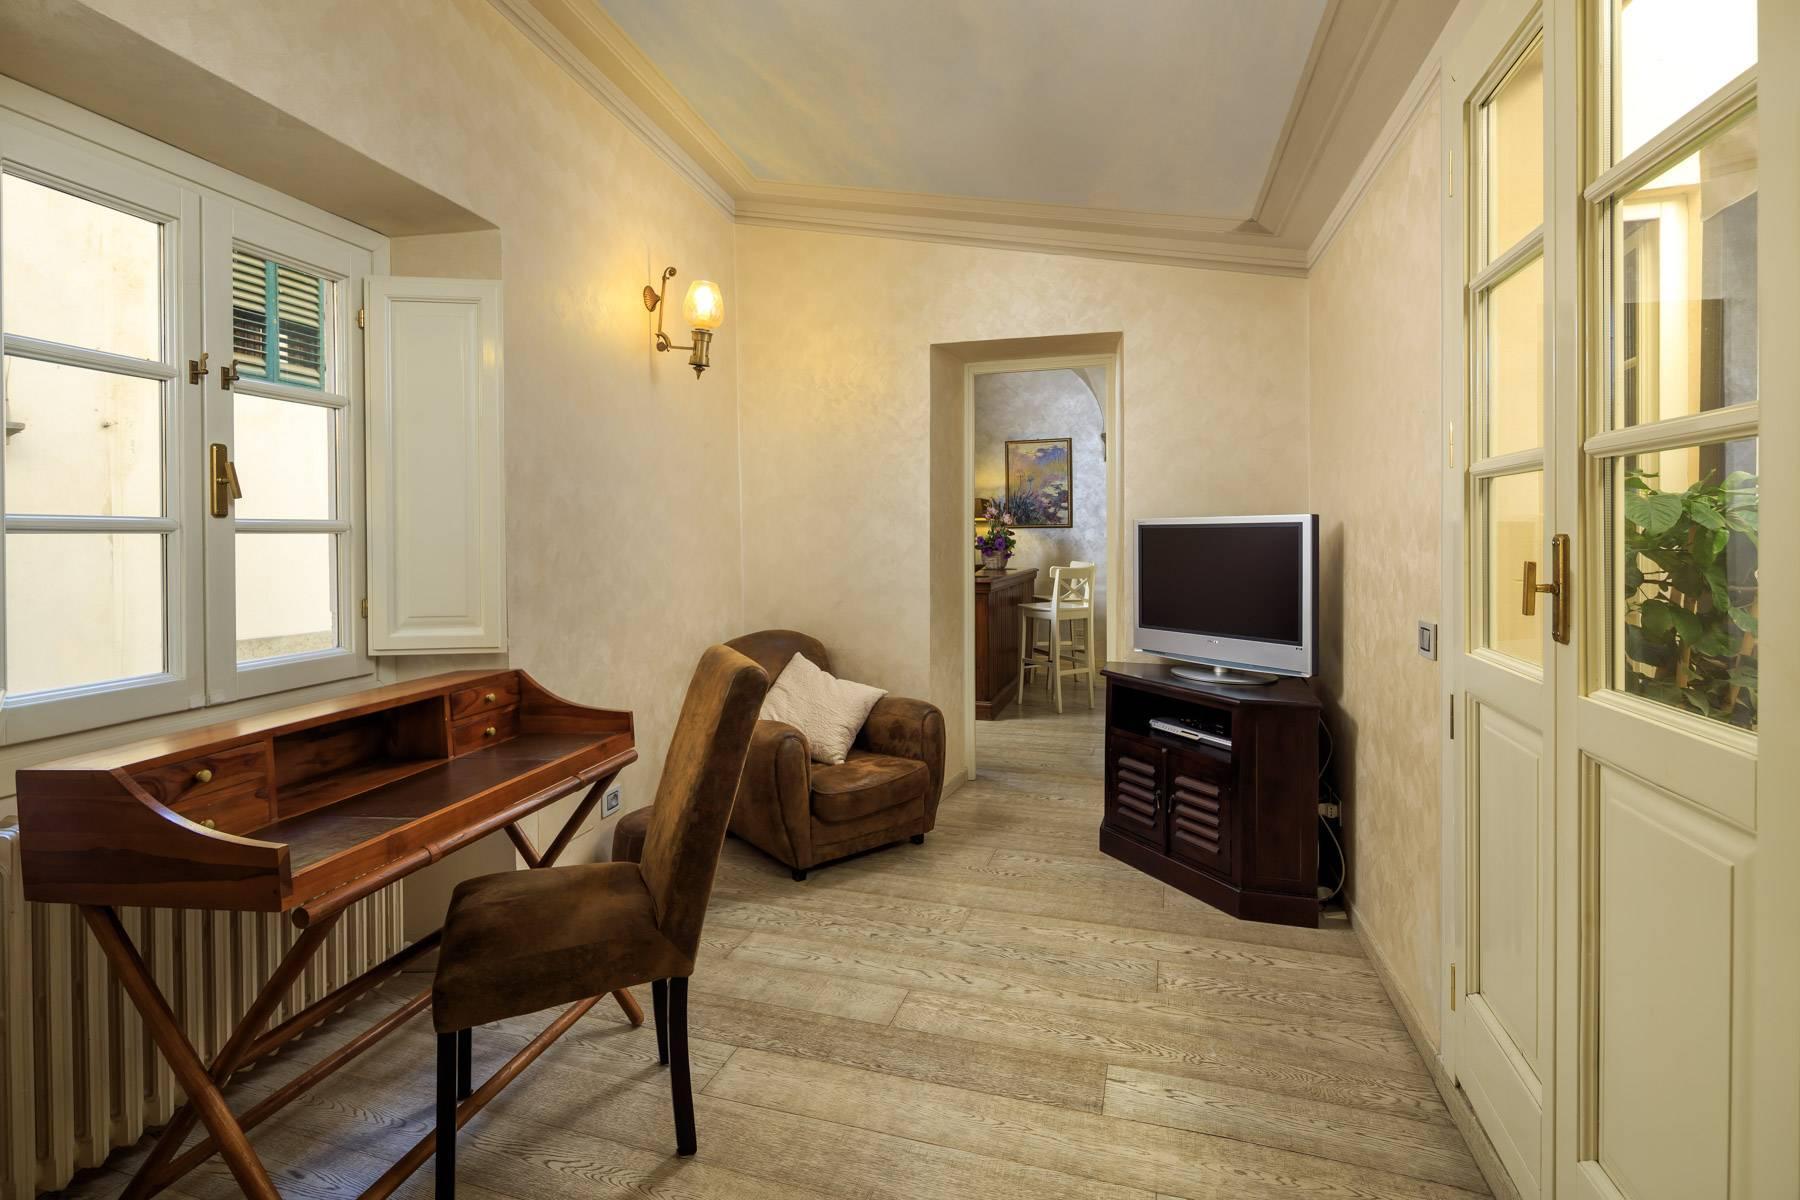 Bel appartement rénové au coeur de la ville - 5